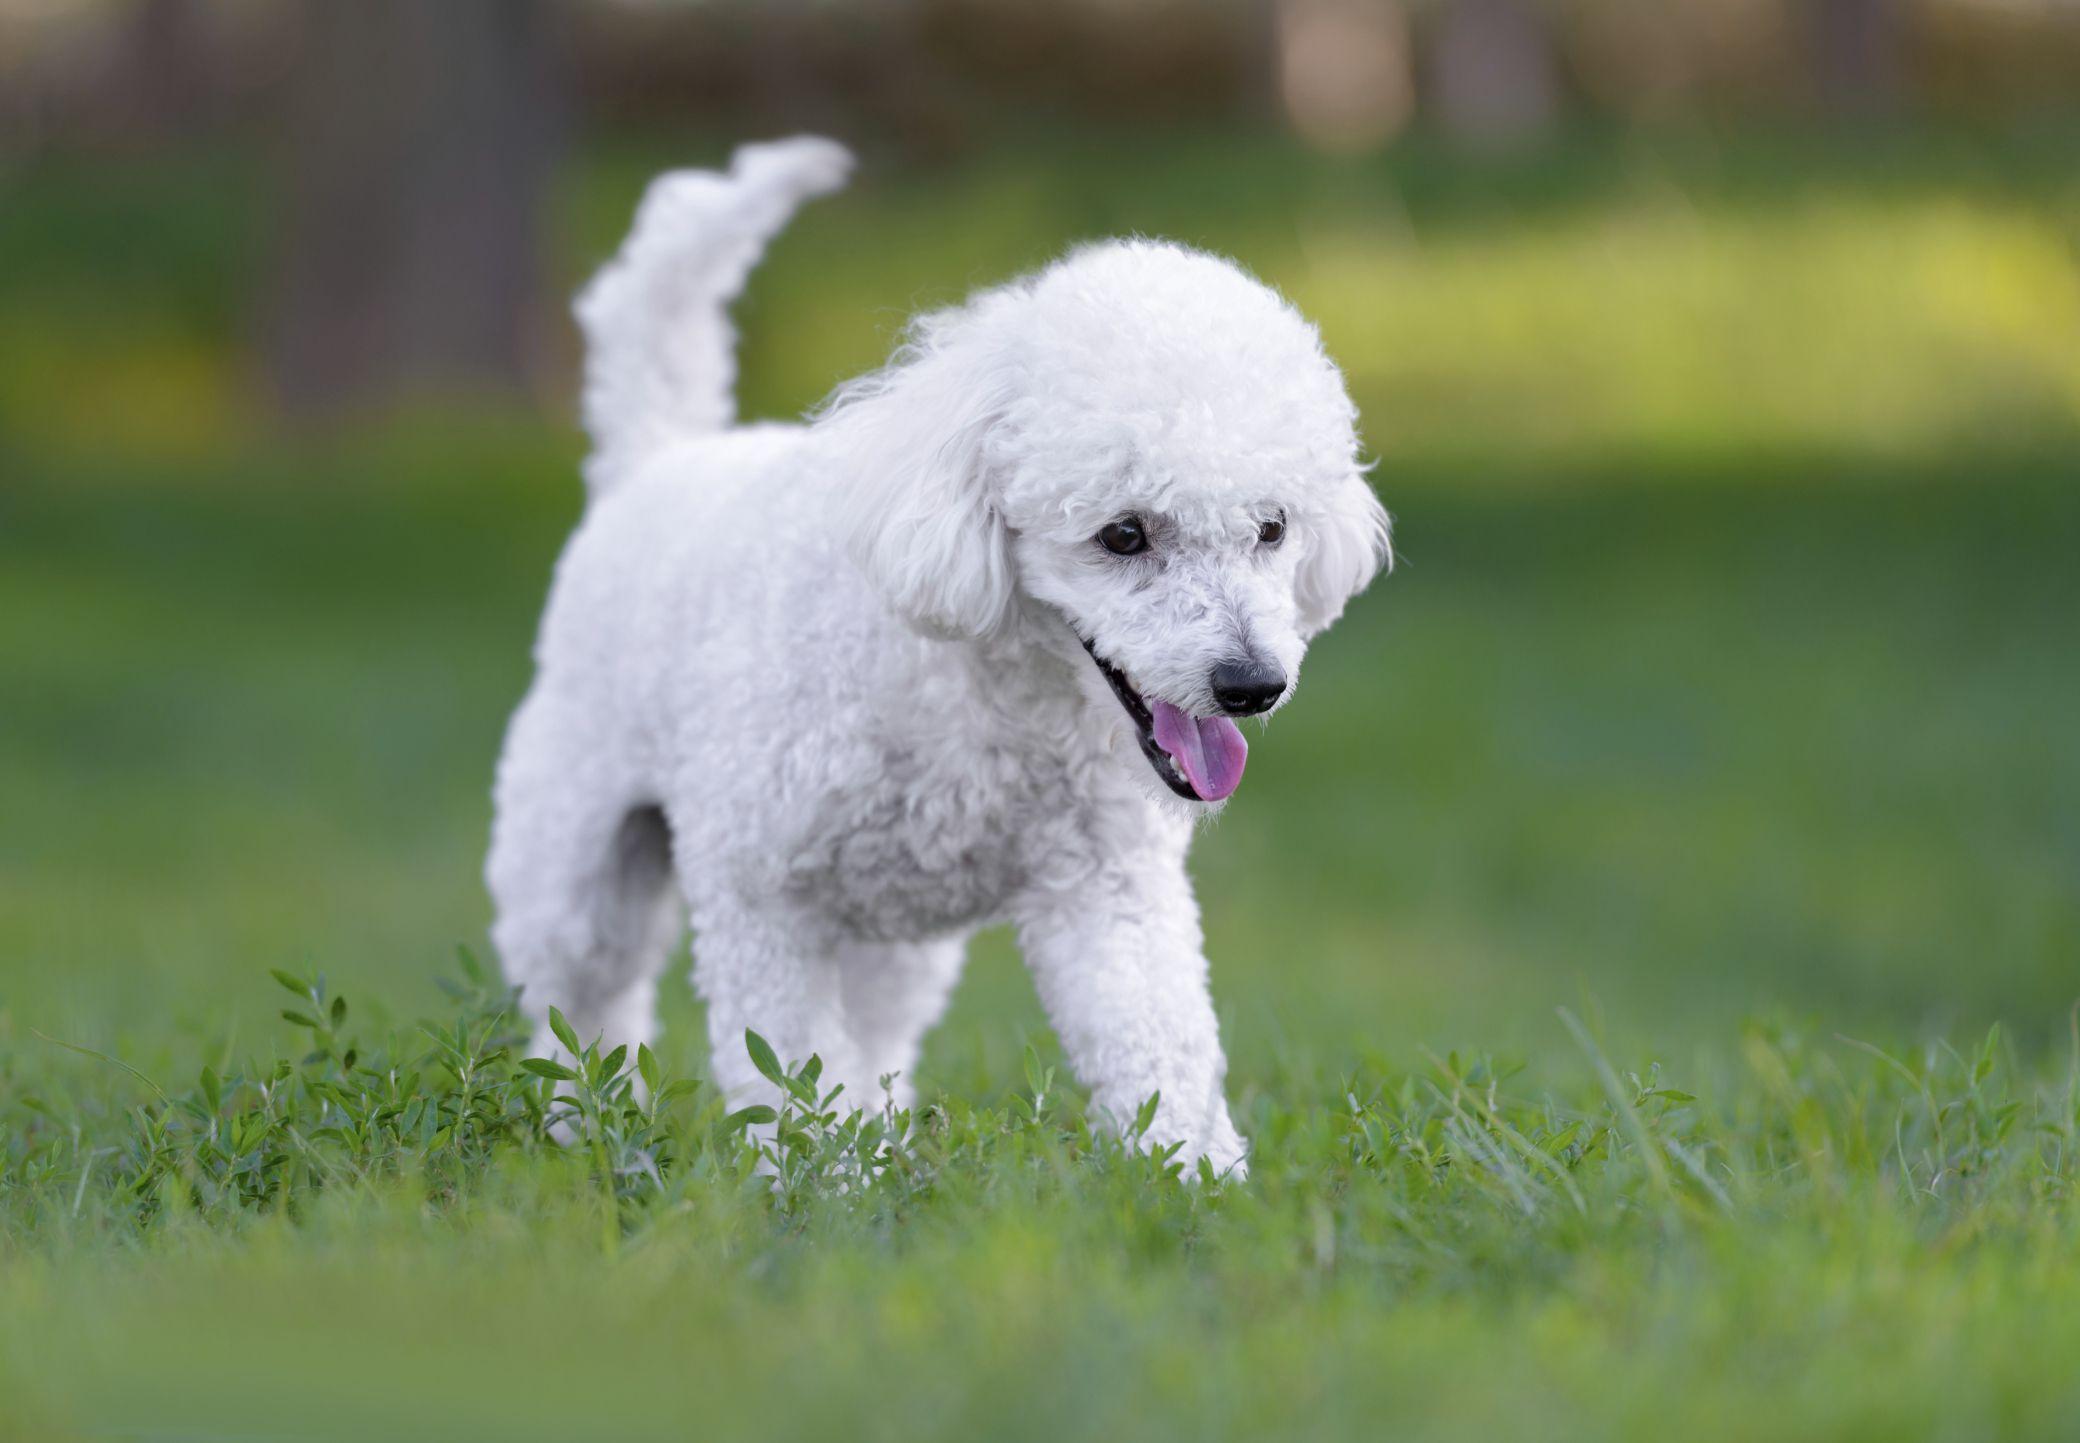 Poodle Puppy Walking On Grass Smartest Dog Breeds Dog Breeds Dogs